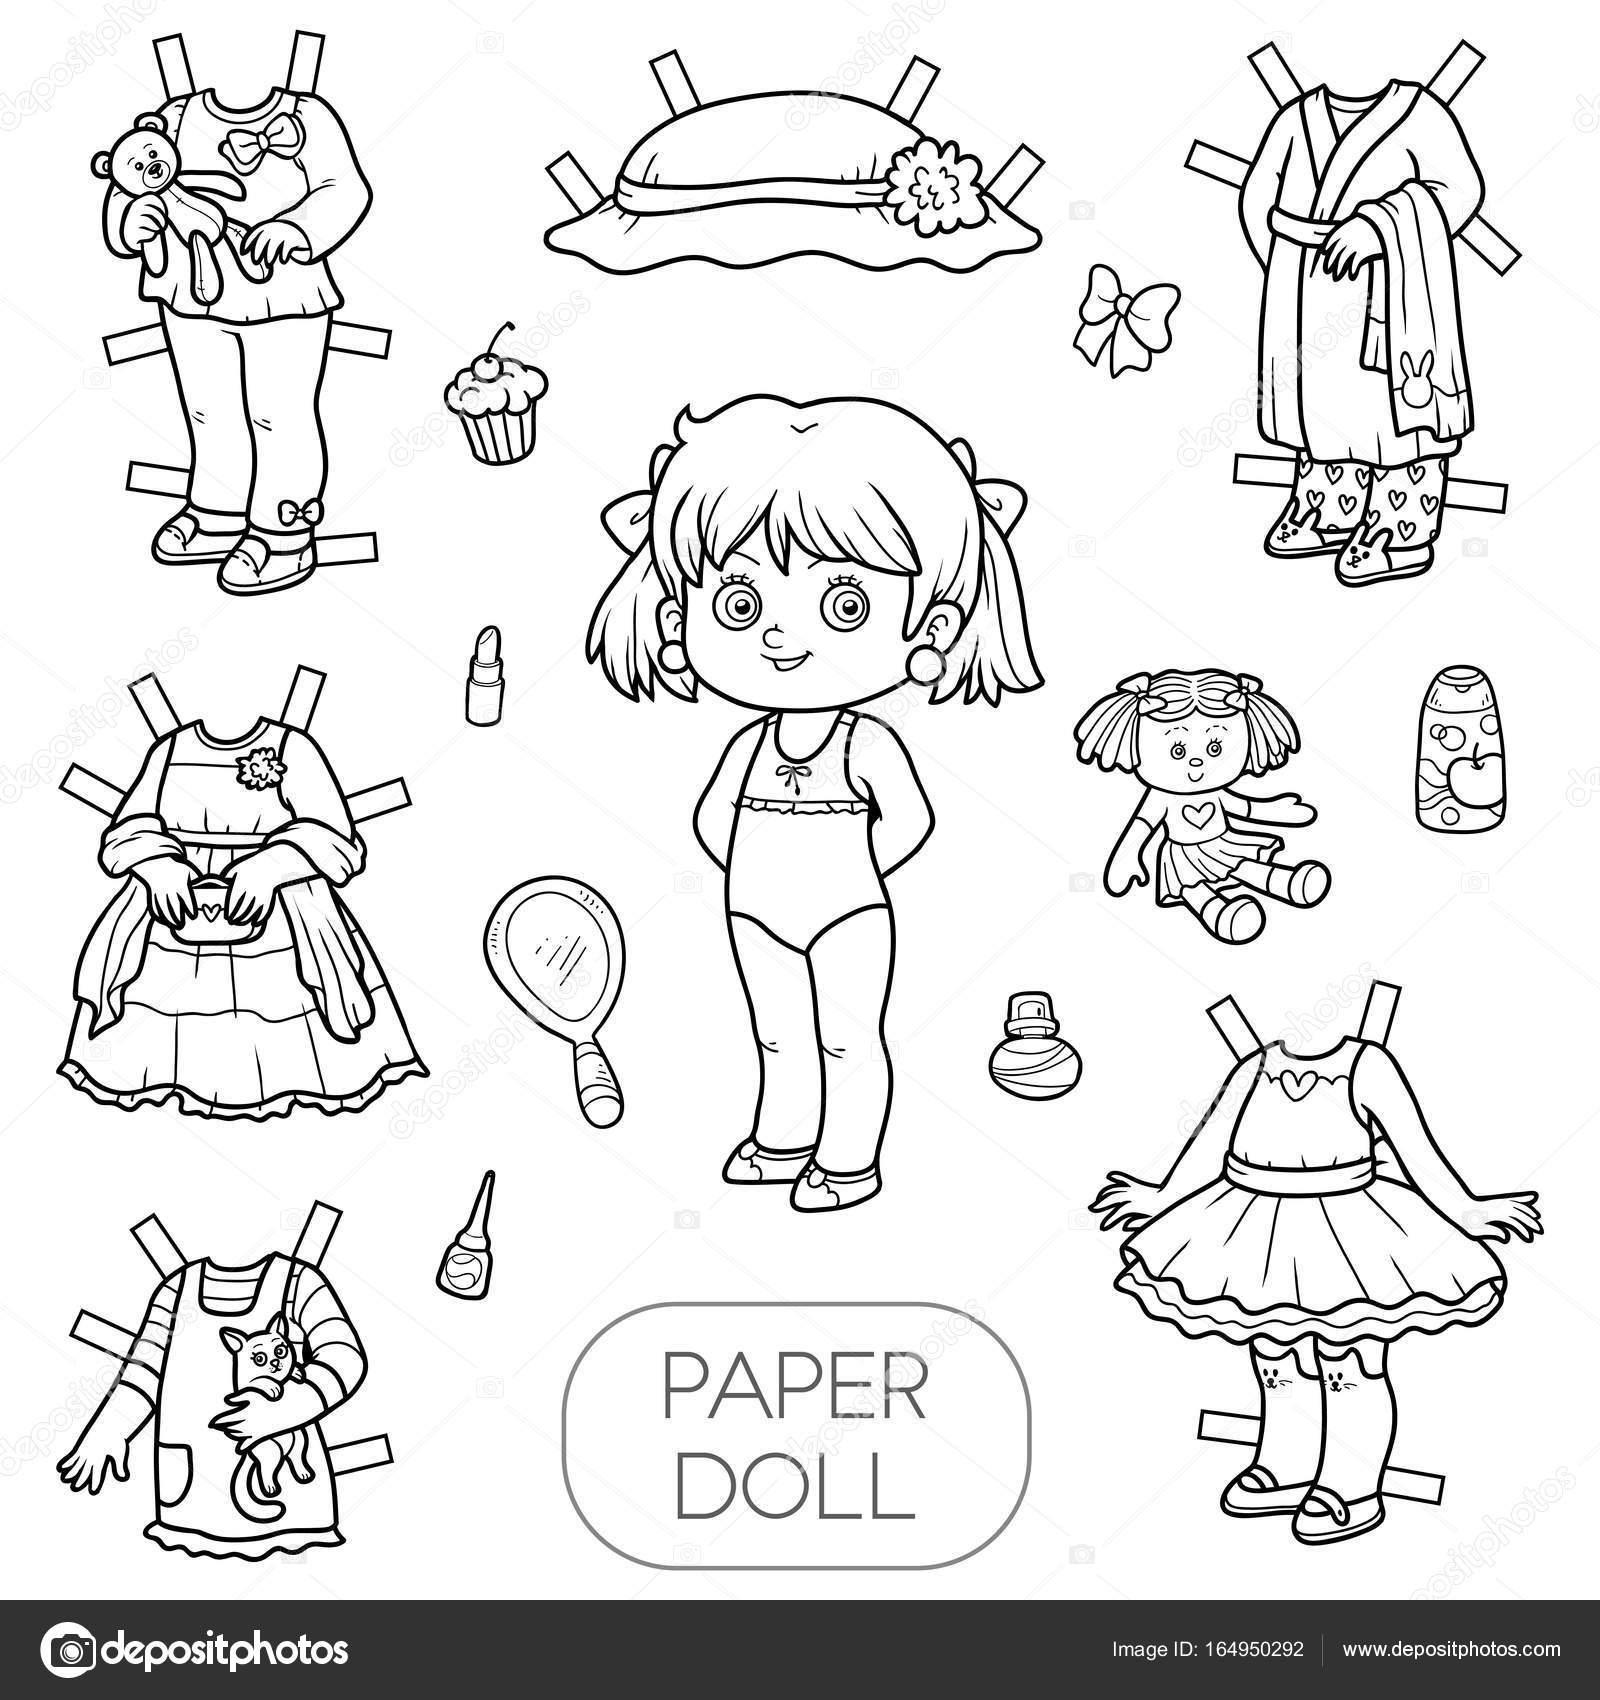 Раскраски бумажные куклы с одеждой для вырезания